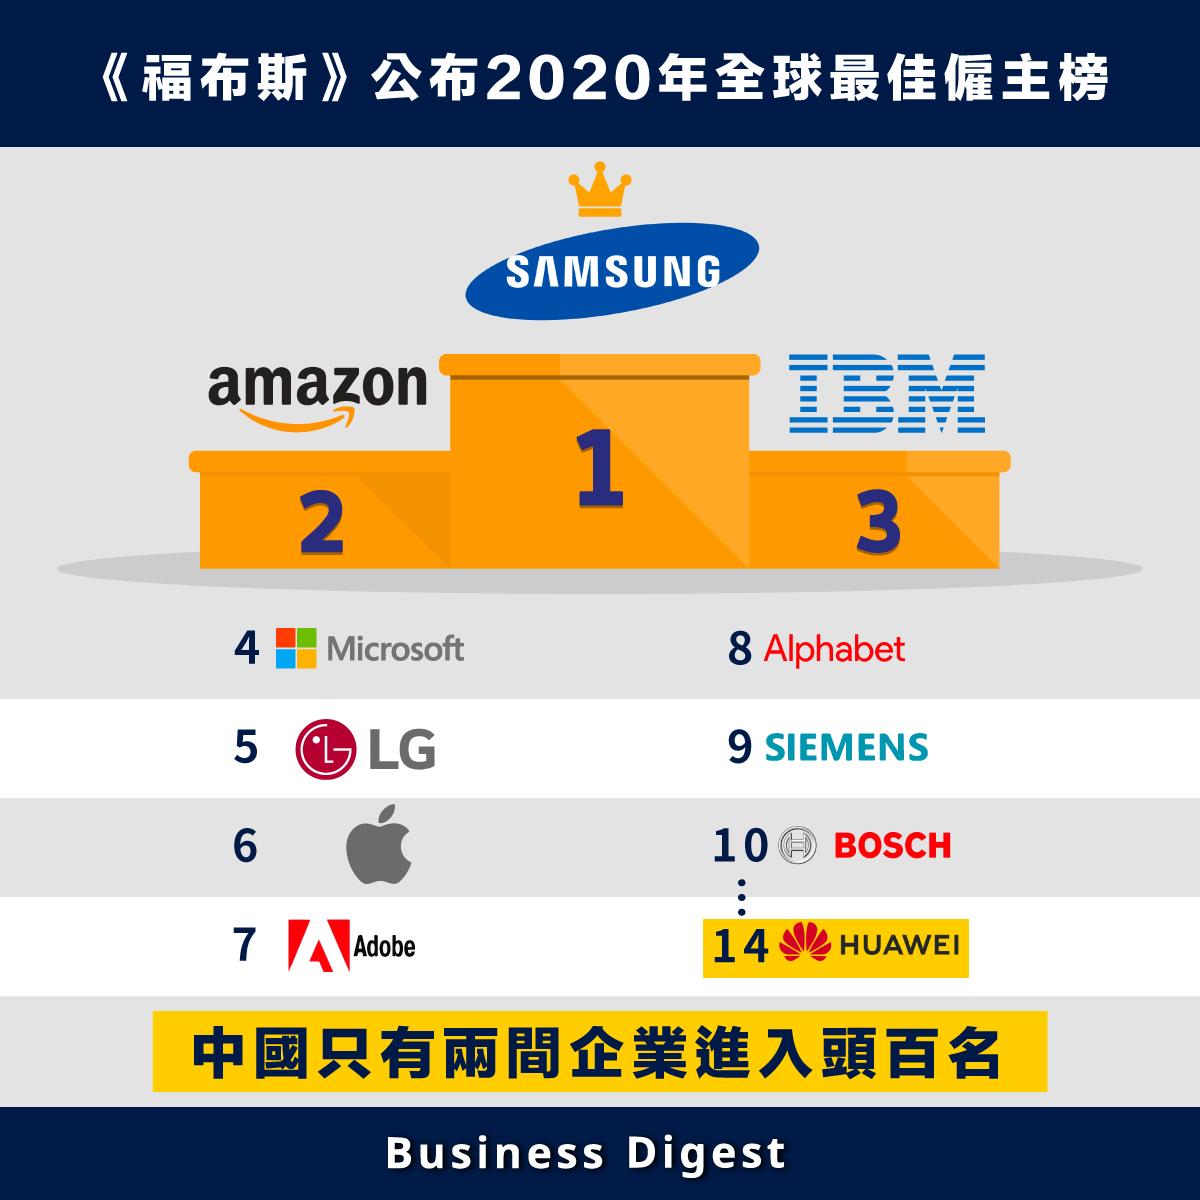 《福布斯》與市場研究公司Statista合作,公布《2020年全球最佳僱主》,當中韓國的三星排名第一,緊隨其後的是美國亞馬遜和IBM,分別排名第二和第三